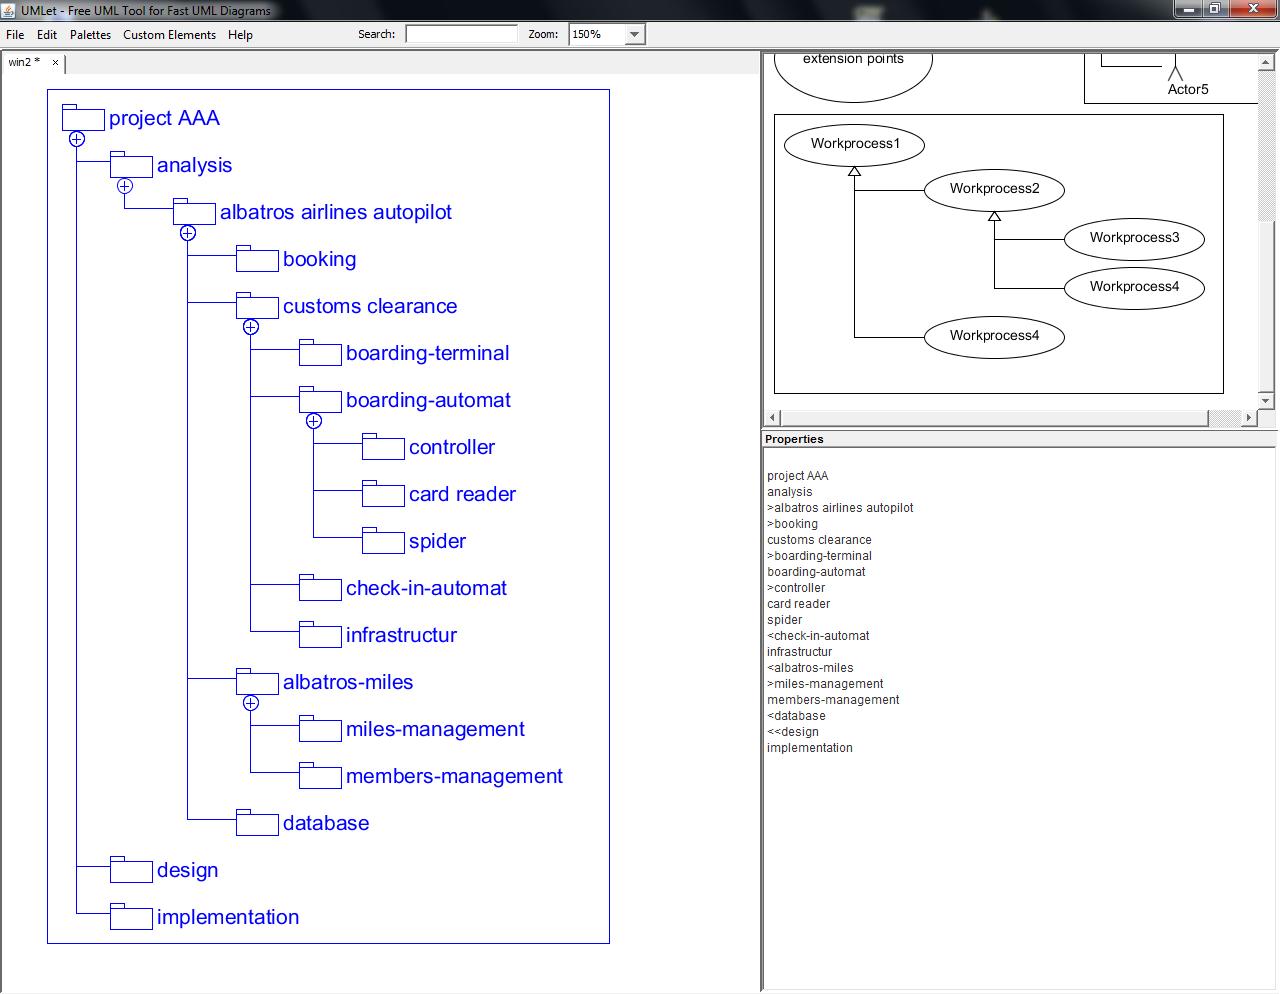 UMLet com - Screenshots